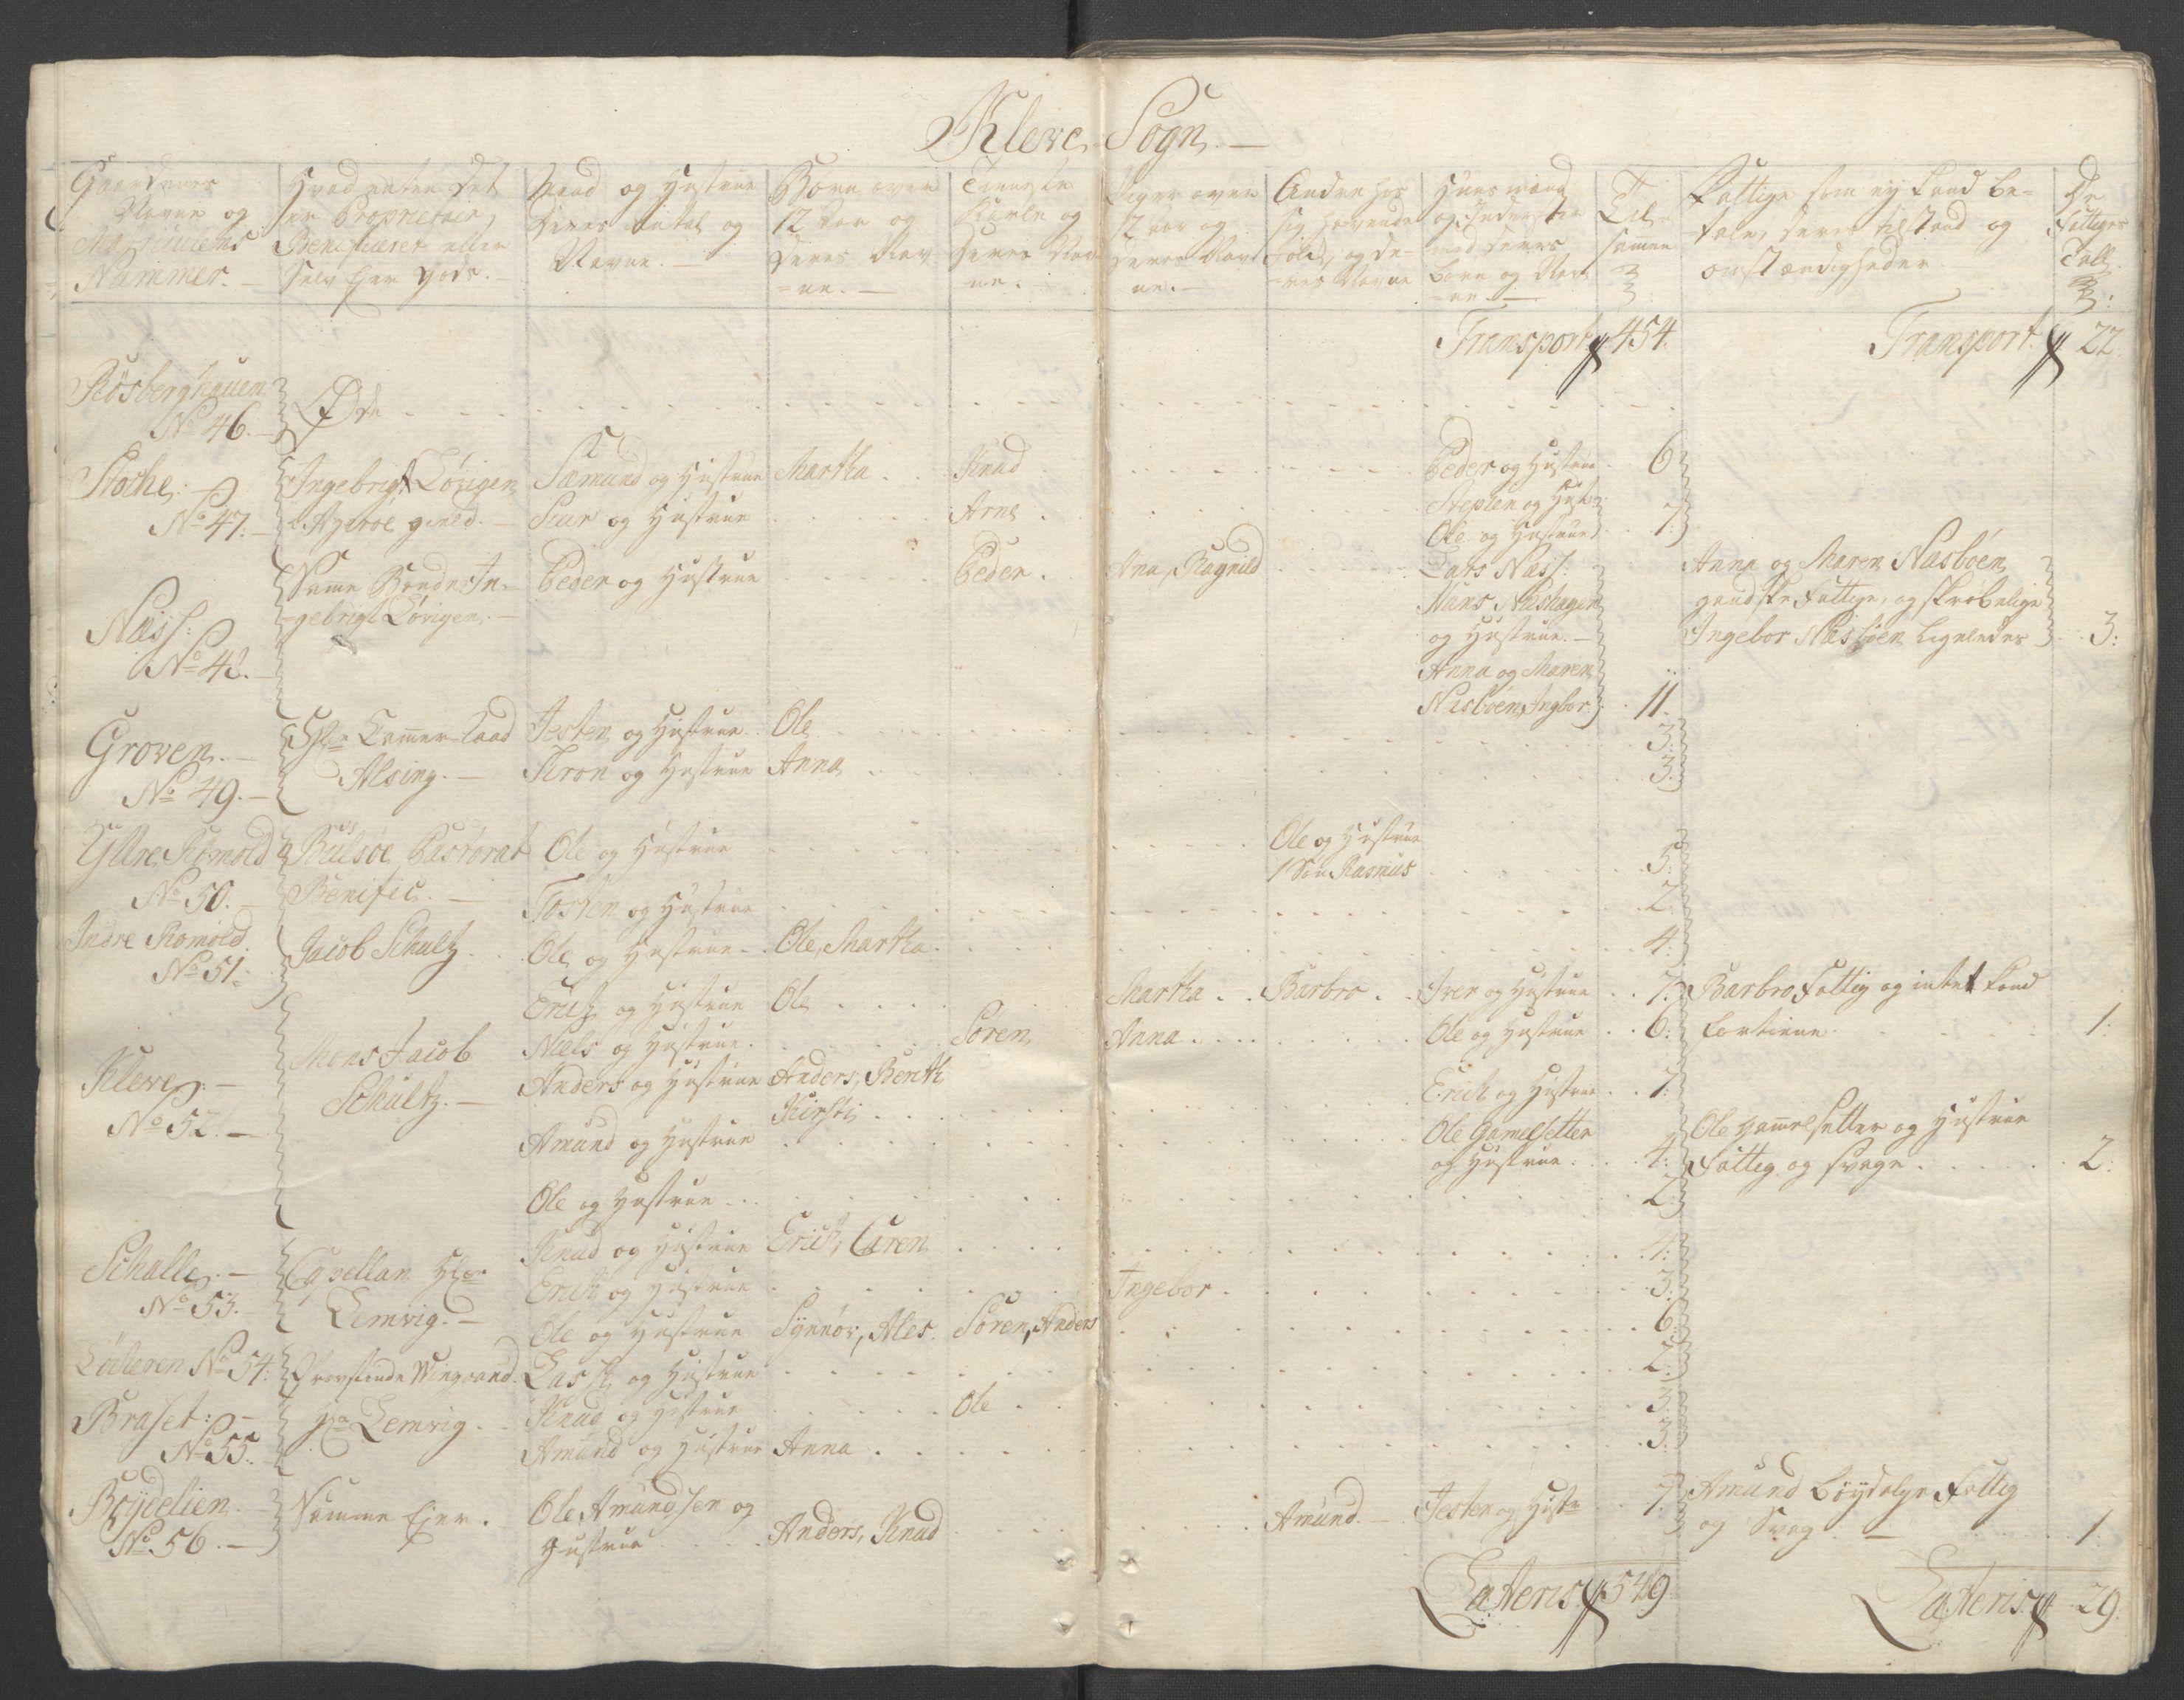 RA, Rentekammeret inntil 1814, Reviderte regnskaper, Fogderegnskap, R55/L3730: Ekstraskatten Romsdal, 1762-1763, s. 19